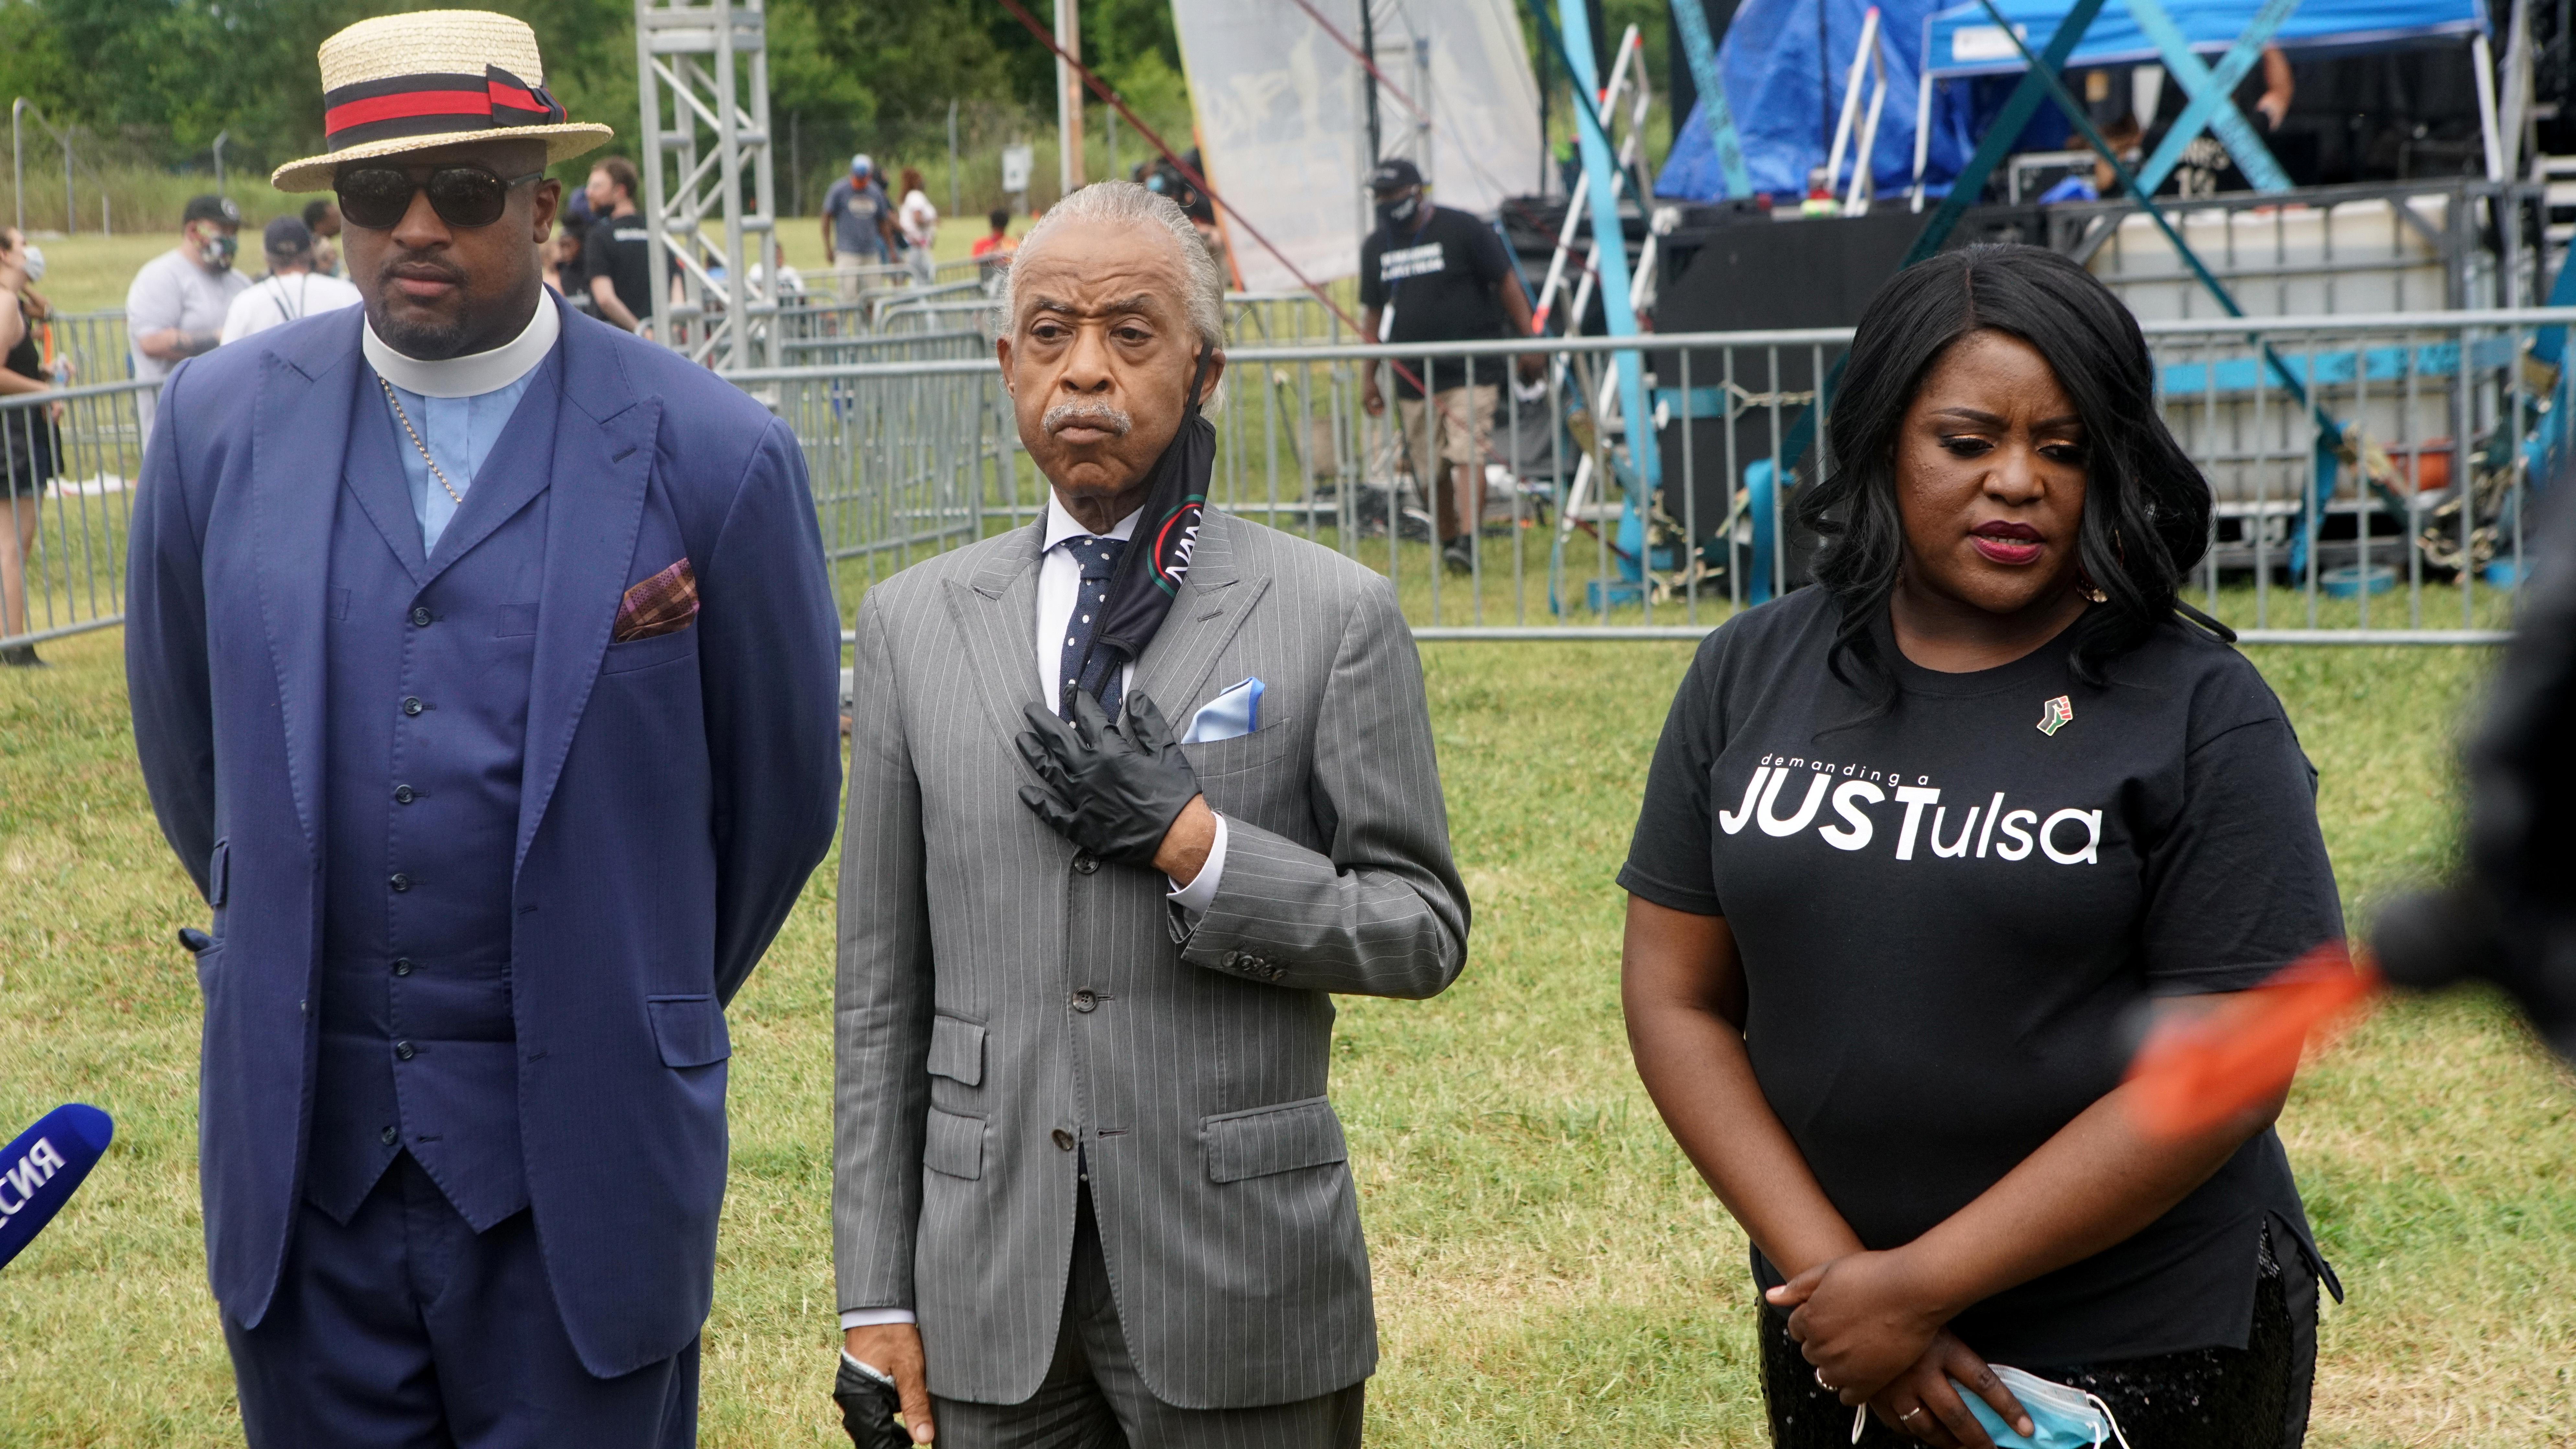 El reverendo Al Sharpton junto a Robert Turner y Tiffany Crutcher durante las conmemoraciones de Juneteenth REUTERS/Lawrence Bryant